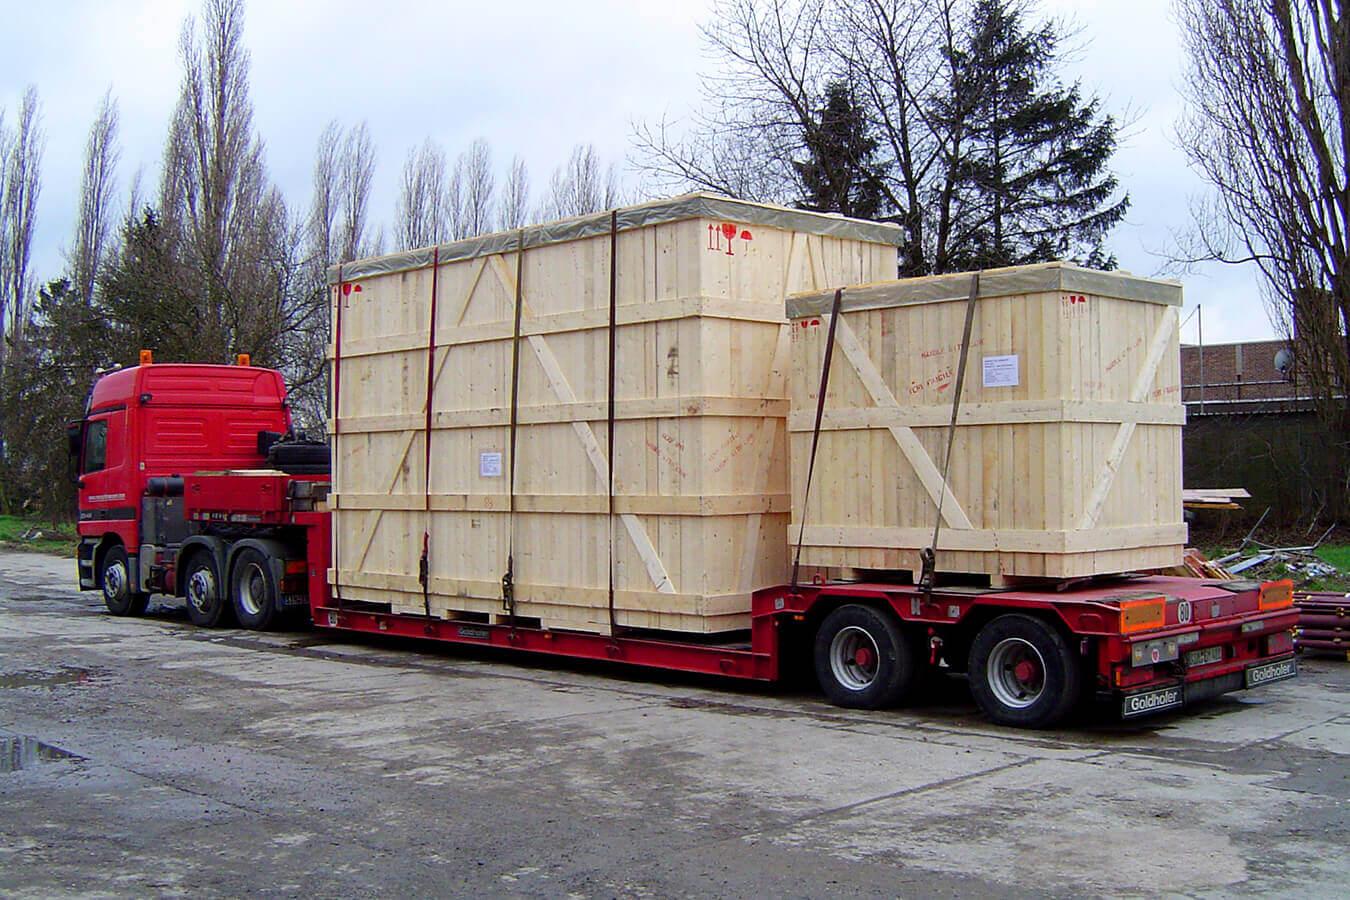 WaluPack Services: Spezialisten der industriellen Verpackung